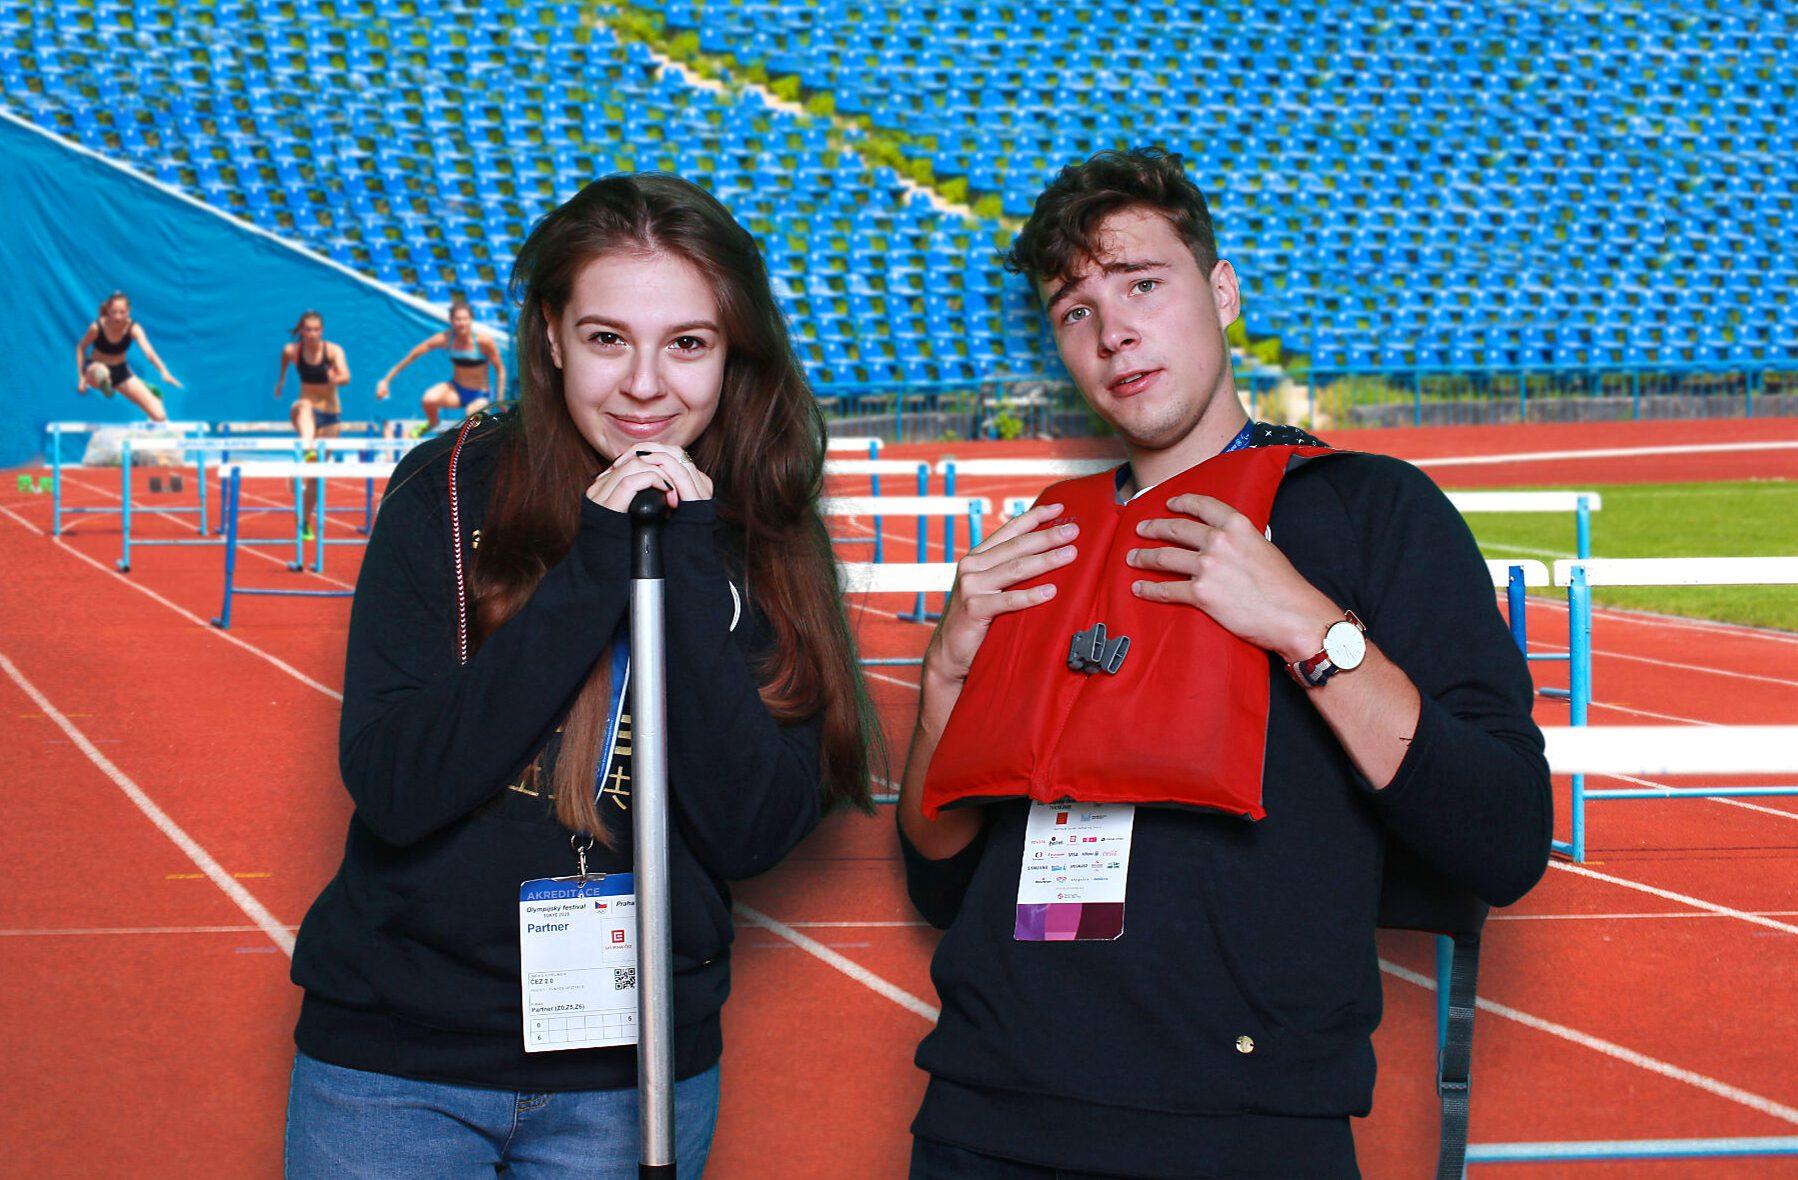 fotokoutek-olympijsky-festival-cez-energy-zona-4-8-2021-739743